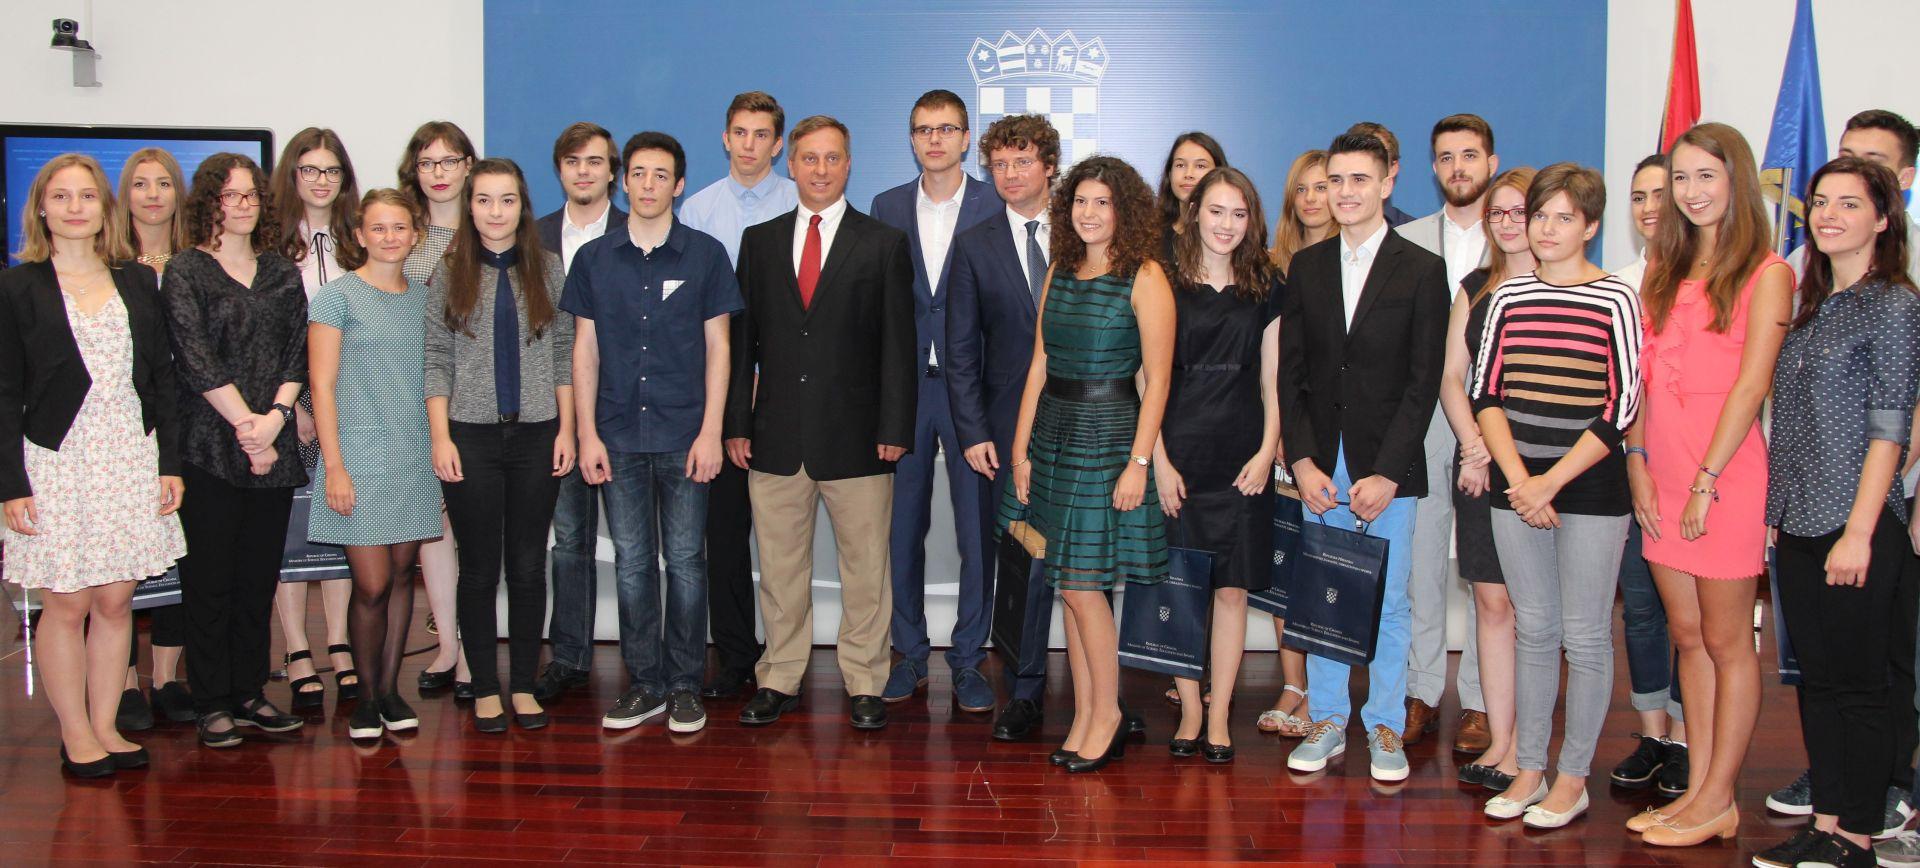 DRŽAVNA MATURA: Nagradu Soljačić i priznanja MZOS-a primili učenici za izniman uspjeh